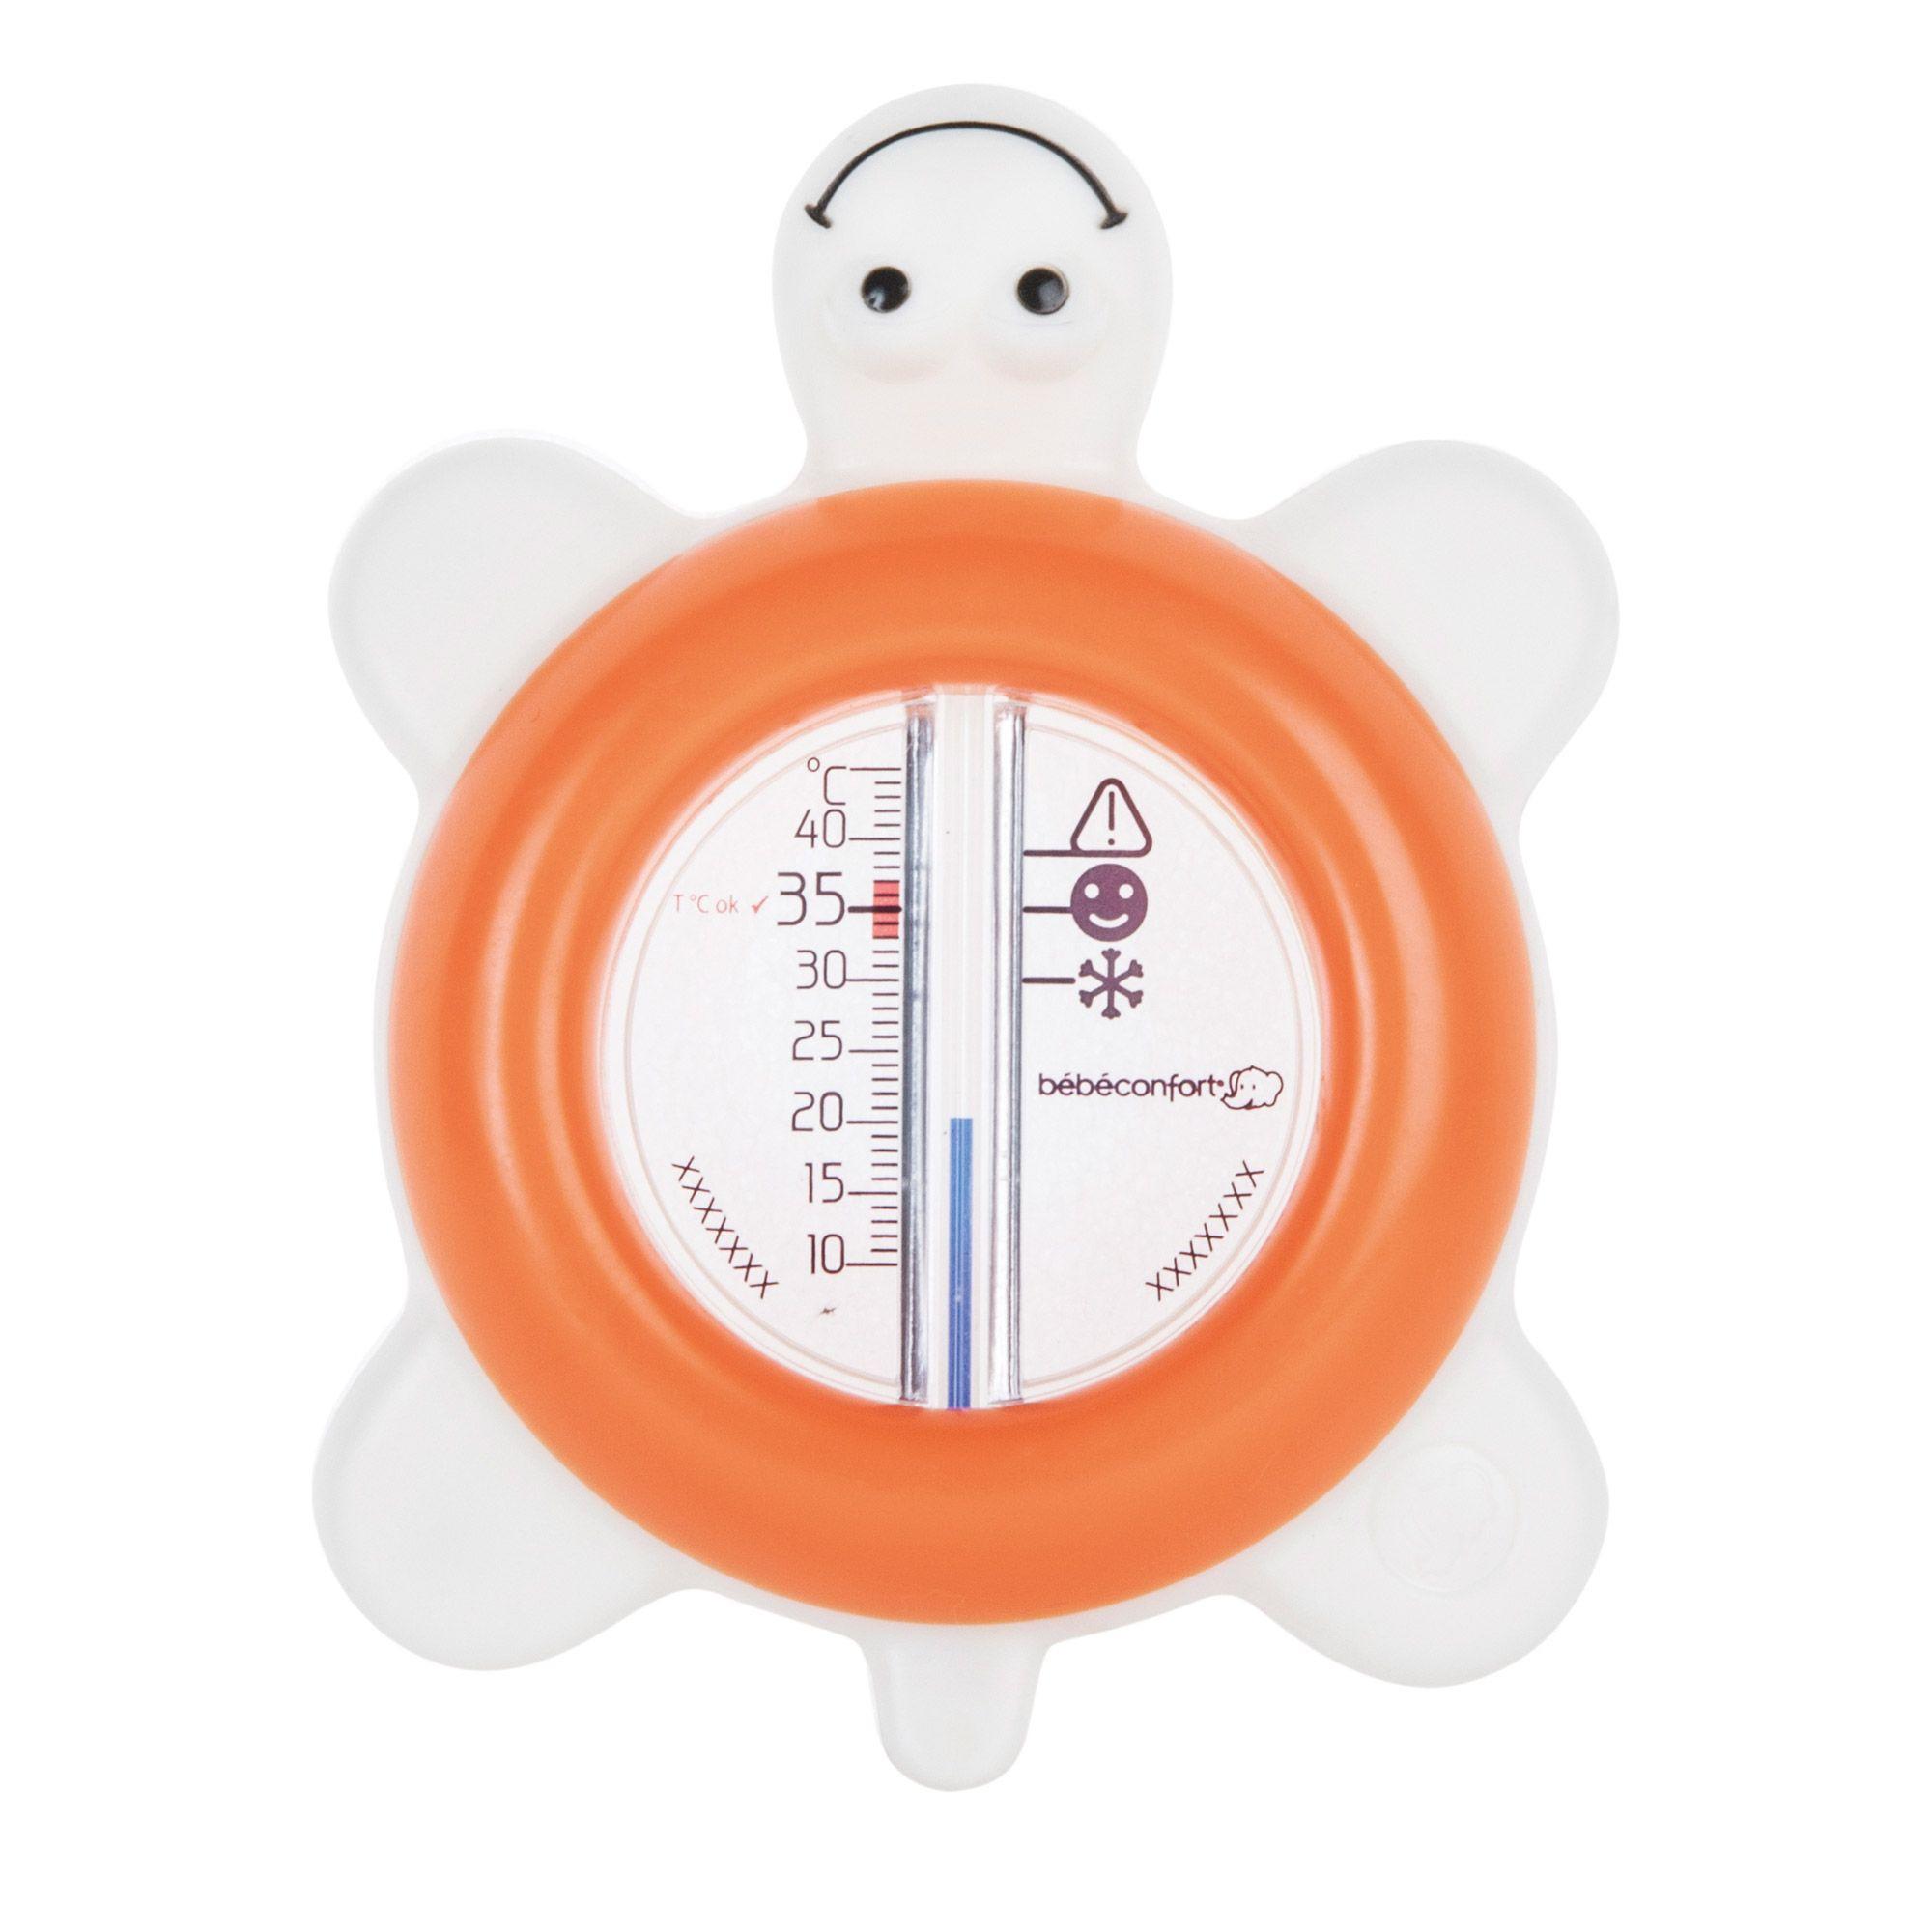 Thermometre de bain tortue bebe confort avis for Thermometre de chambre bebe